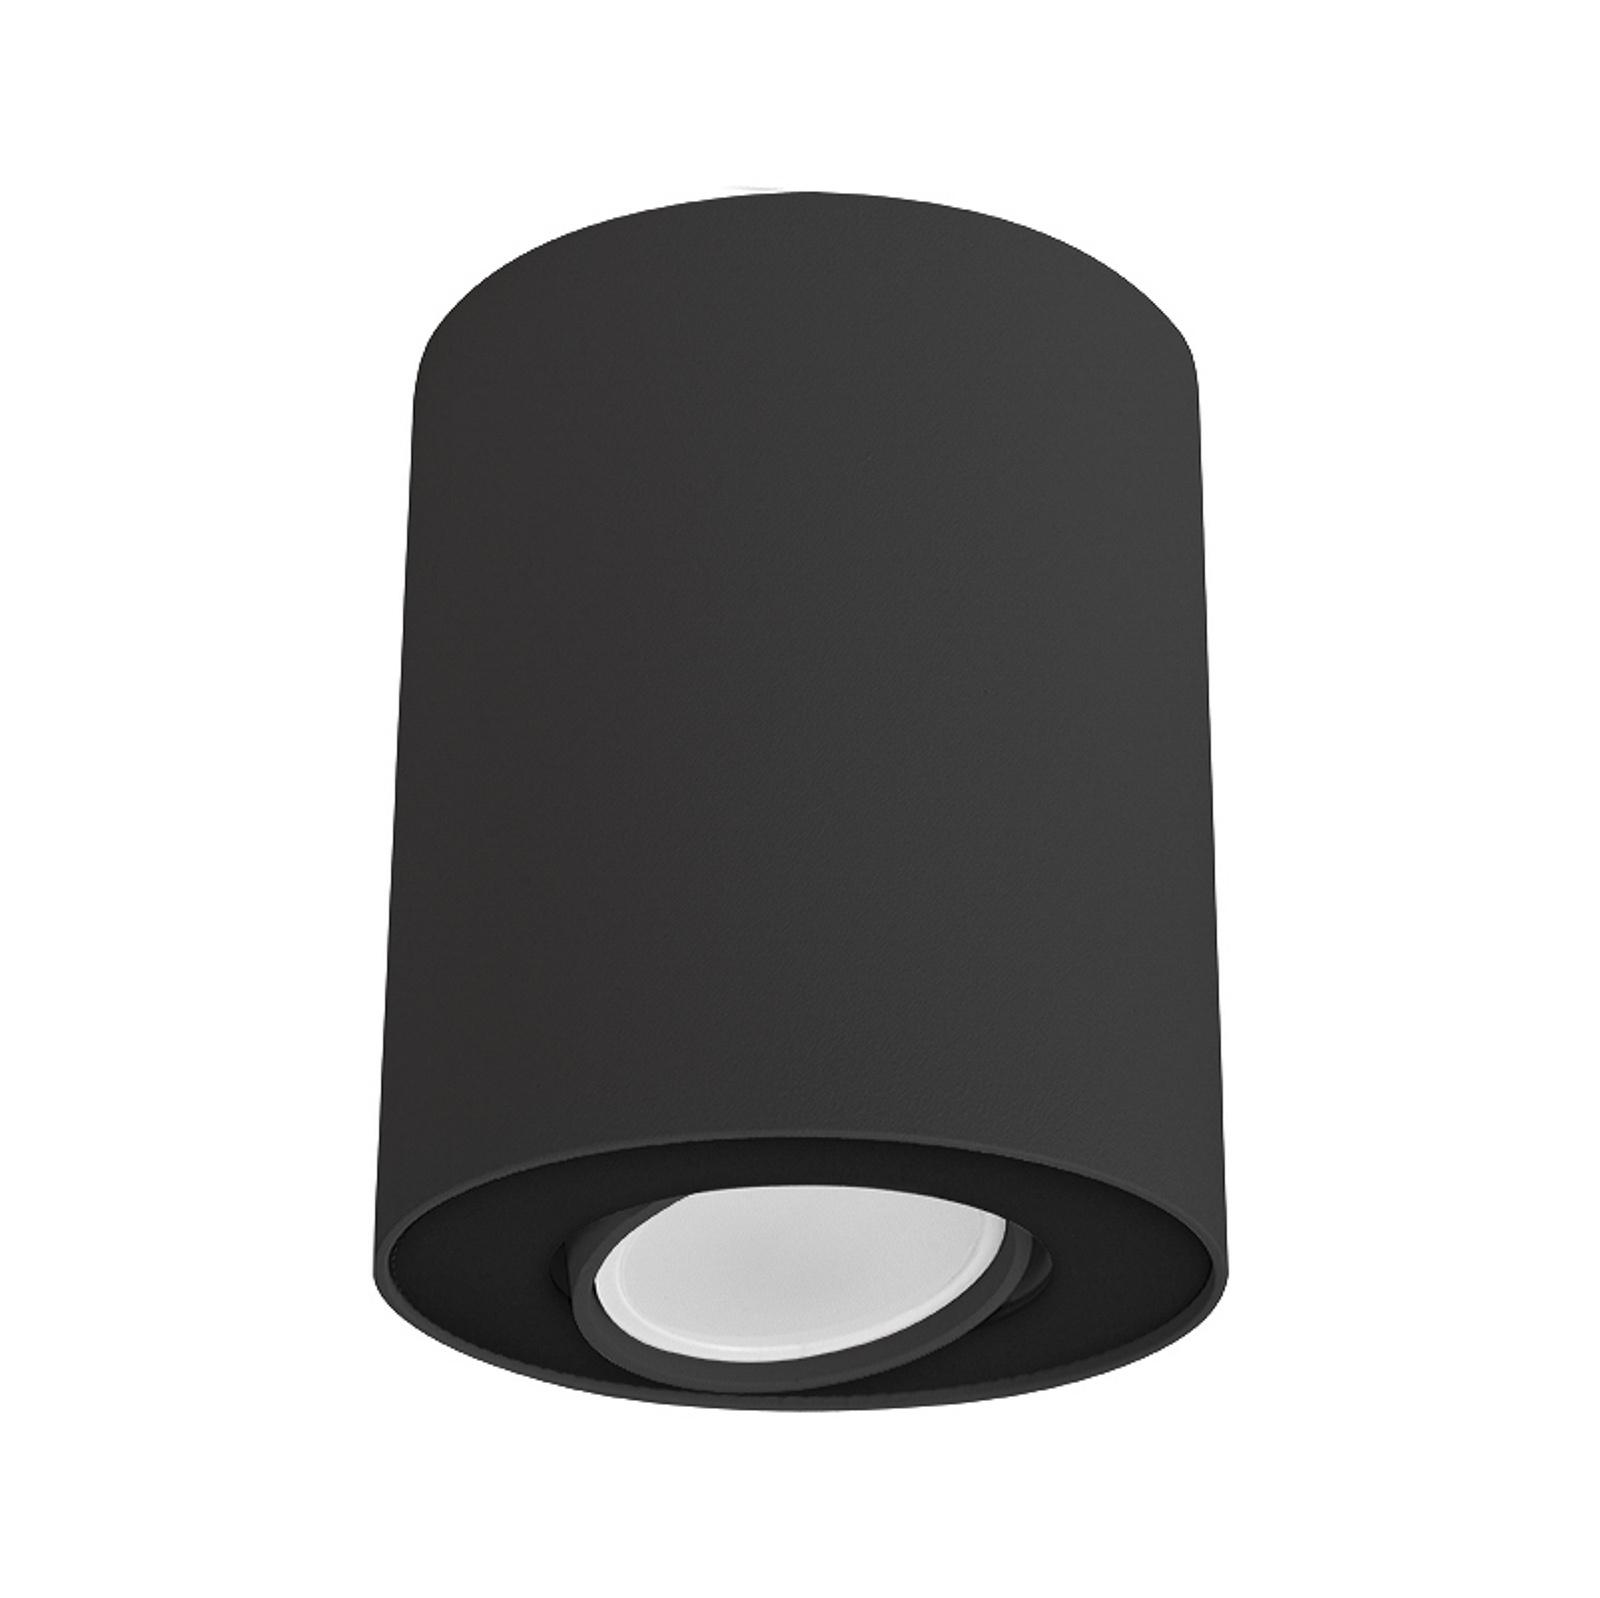 Deckenleuchte Set, schwenkbar, schwarz